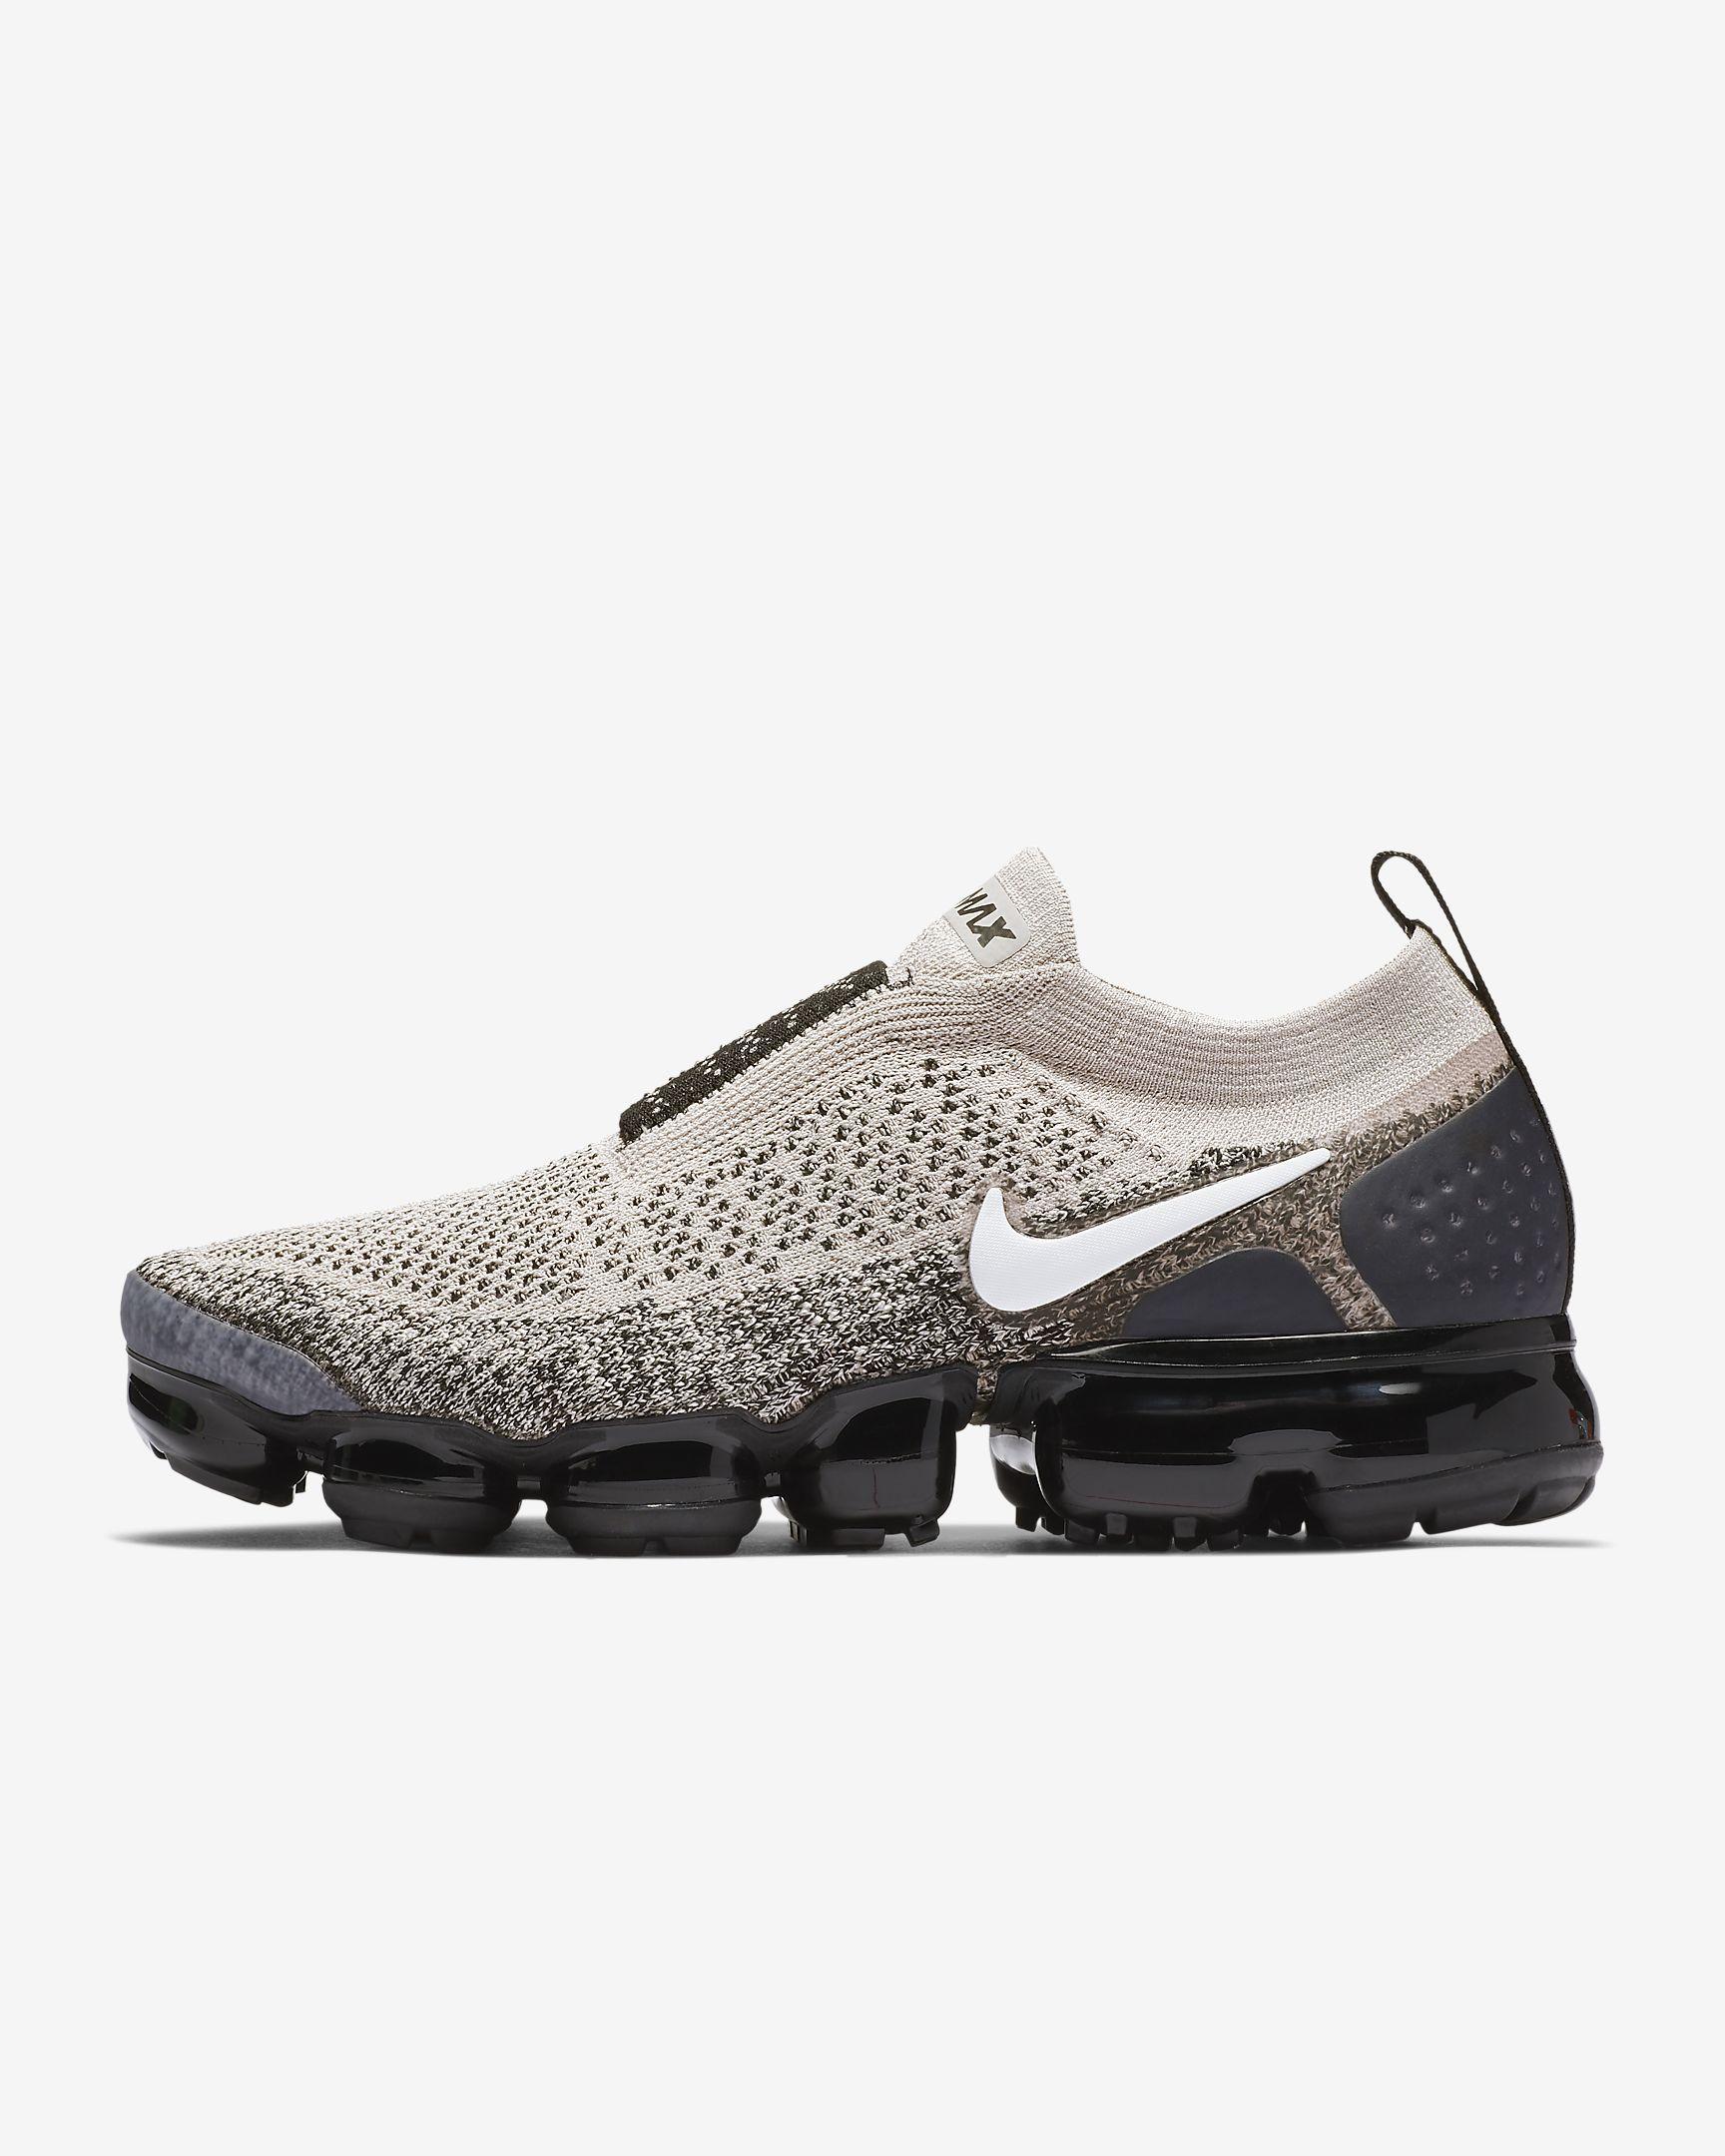 a17145b2f9 Air VaporMax Flyknit Moc 2 Women's Shoe in 2019 | Fashion | Nike air .